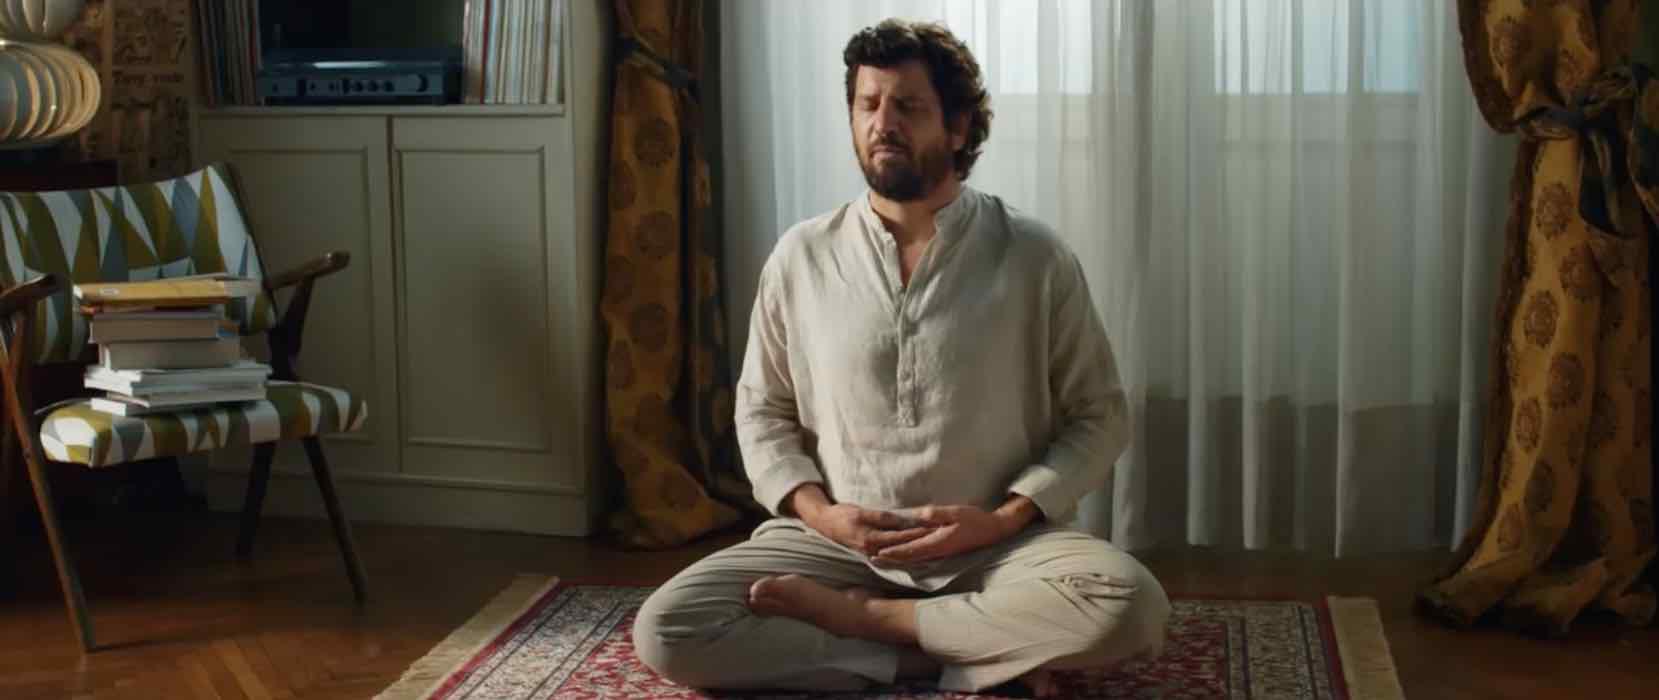 Rai 1, 'Questione di Karma': trama e cast del film con Fabio De Luigi